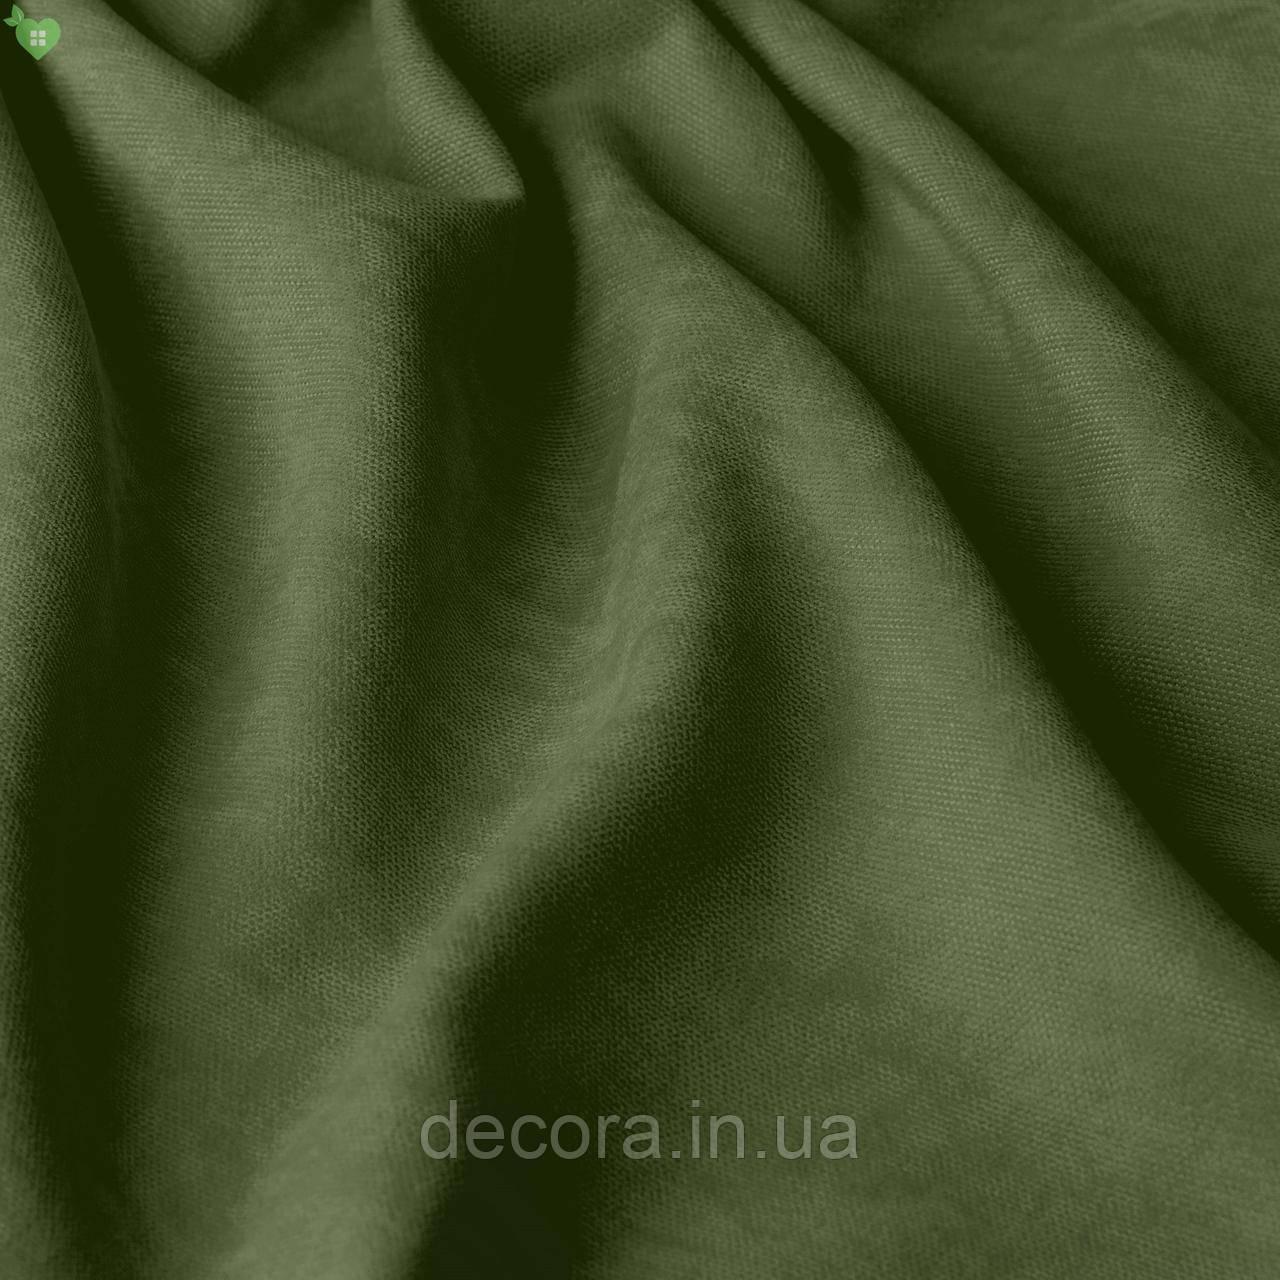 Однотонна декоративна тканина велюр білого кольору, Туреччина 121000v24